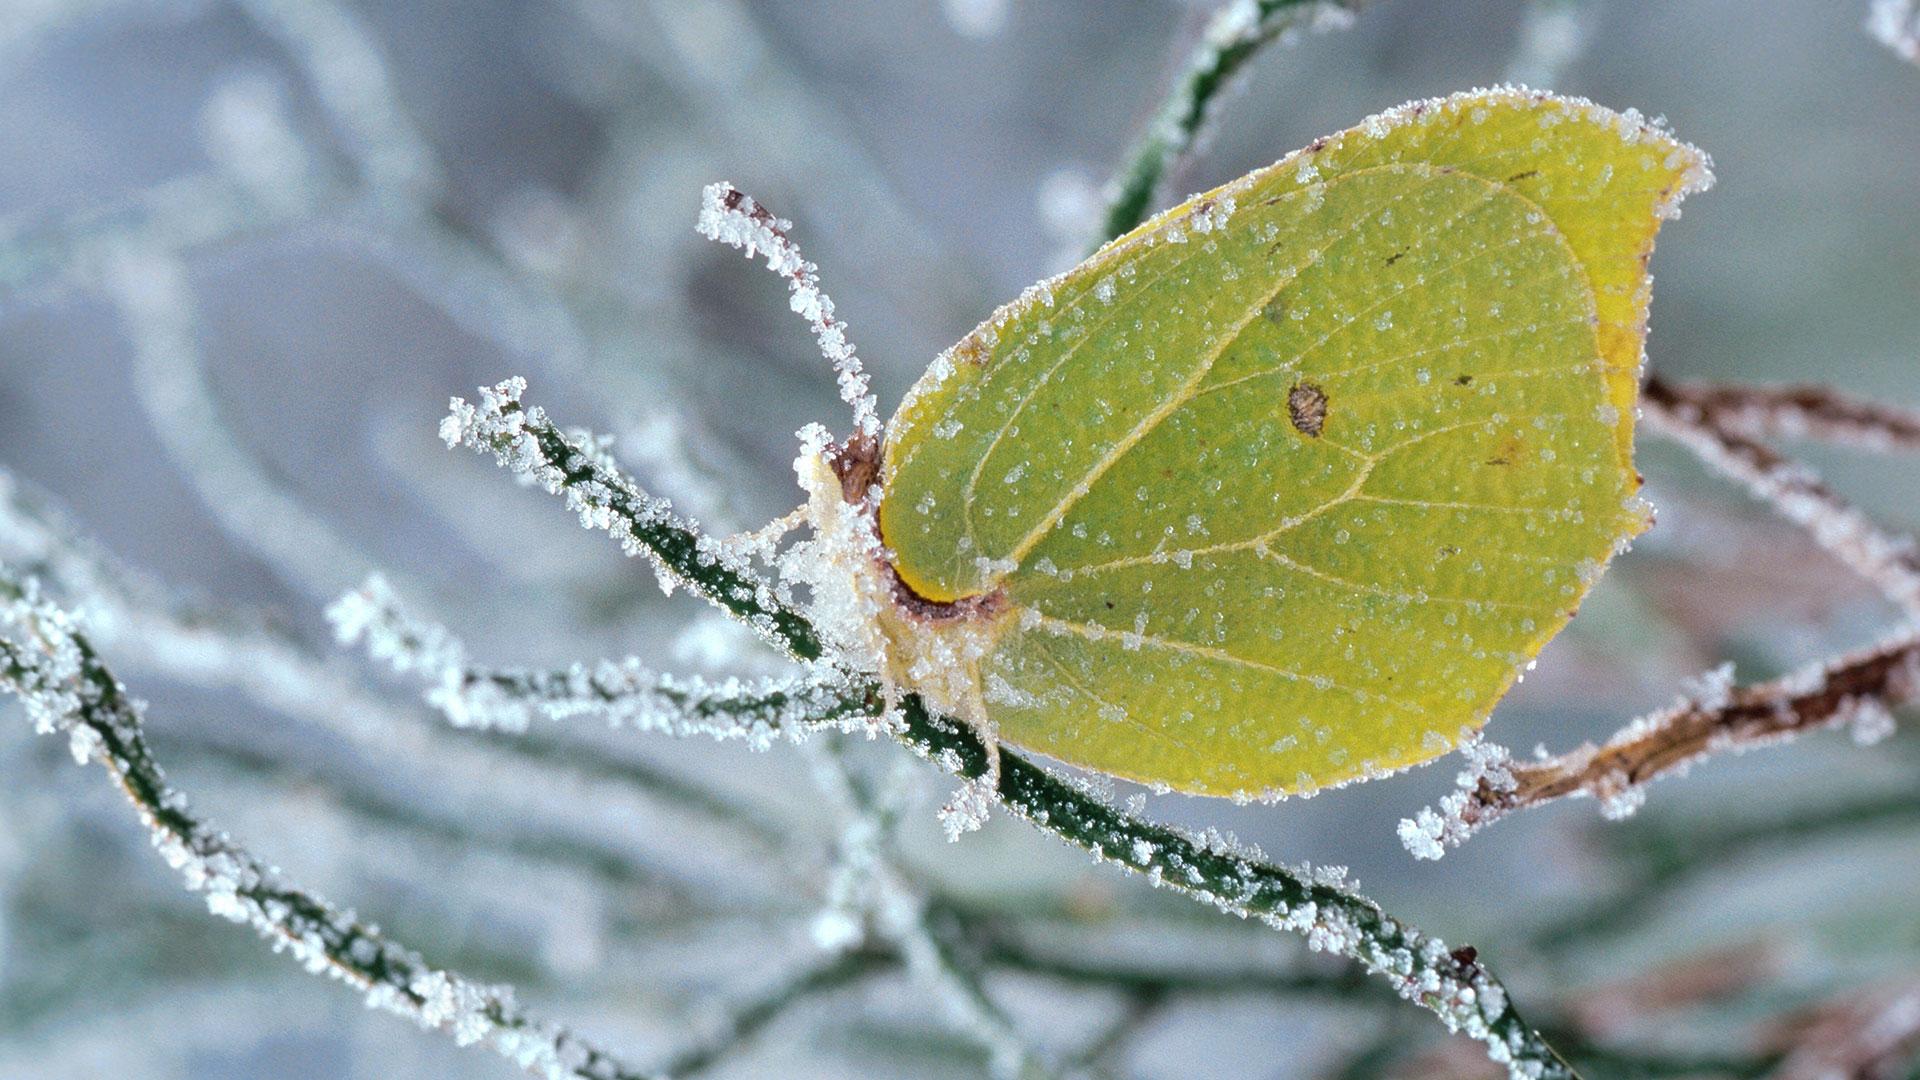 Tiere Winter: Zitronenfalter im Eis